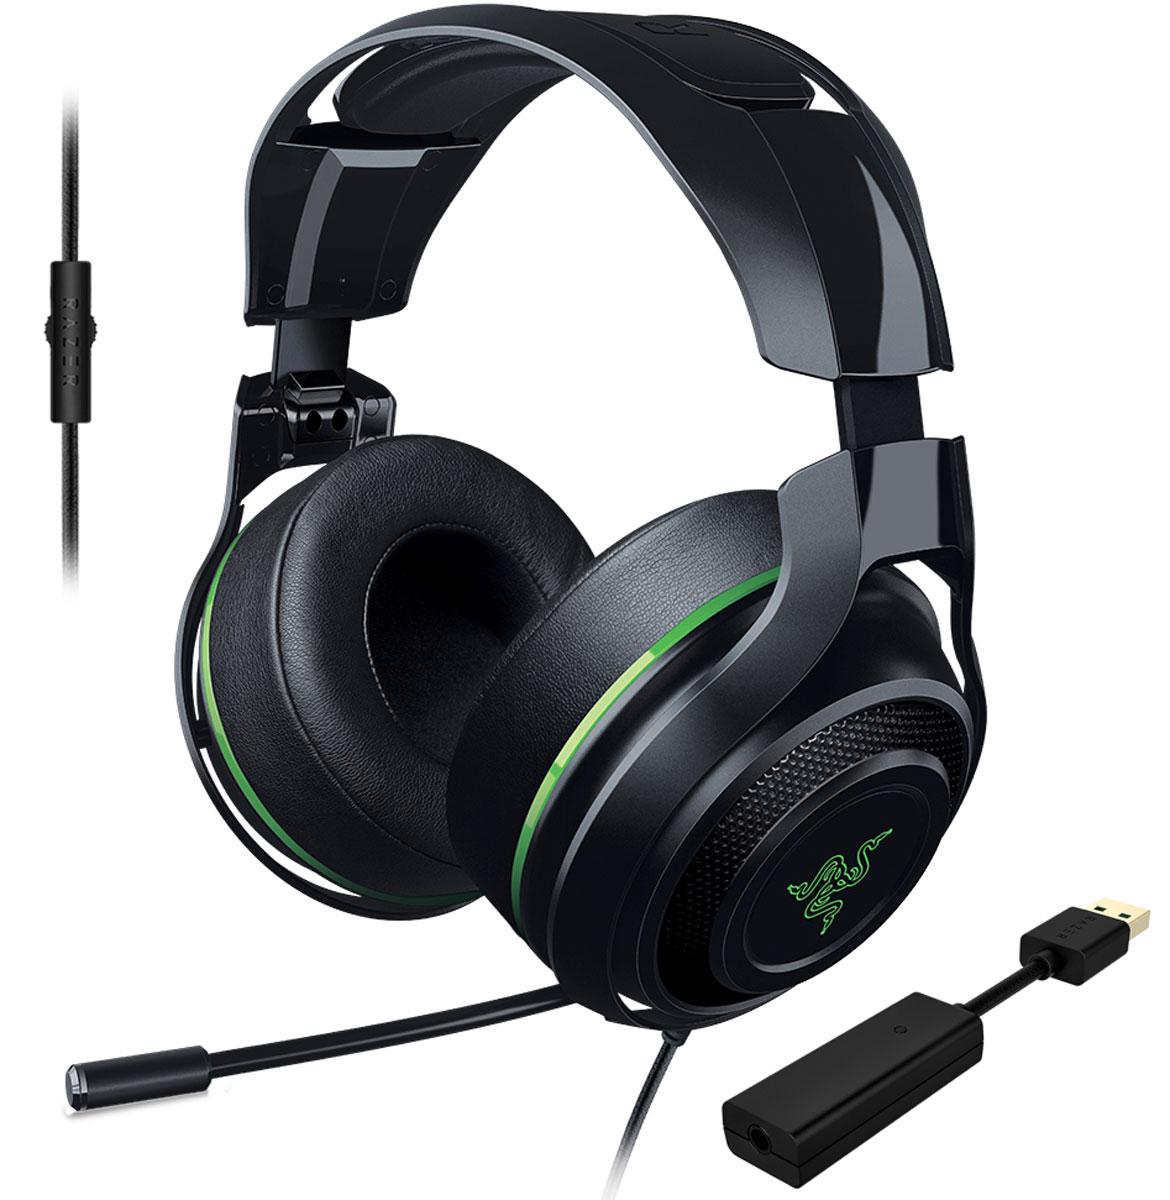 Razer ManO'War 7.1, Green игровые наушникиRZ04-01920300-R3M1Выйти на новый уровень звучания вам позволит игровая гарнитура Razer ManOWar 7.1. Благодаря современной системе виртуального объемного звука формата 7.1 и мягким, большим амбушюрам с хорошей шумоизоляцией вы словно оказываетесь в самом центре событий. Увеличенные динамики превосходного качества обеспечивают бесспорную реалистичность звукового окружения, а выдвижной микрофон позволяет с комфортом руководить победным наступлением.Заручитесь преимуществом абсолютного погружения в игру, которое дает вам Razer ManOWar 7.1, и наслаждайтесь торжеством победы в каждой битве.Гарнитура Razer ManOWar 7.1 оснащена запатентованной системой формирования виртуального объемного звука в формате 7.1. Система с самого начала разрабатывалась, чтобы дать возможность с головой уйти в игру. Специальный USB-адаптер обрабатывает аудио с минимальной задержкой и модулирует источник звука, формируя впечатляющее, реалистичное звуковое окружение.Гарнитура Razer ManOWar 7.1 обеспечивает реалистичное звучание игрового класса благодаря большим 50-миллиметровым динамикам с индивидуальной настройкой. Закрытая конструкция наушников и мягкая окантовка по краю амбушюр гарантируют качественную шумоизоляцию. Вы сможете уделять все внимание игре, не отвлекаясь на посторонние звуки.Настраивайте звук в пылу сражений, используя аналоговый MEMS-микрофон со встроенным пультом. Гибкий телескопический микрофон выдвигается из левого амбушюра тогда, когда вам нужно. Вы можете его точно отрегулировать, чтобы добиться кристально четкого звучания.Кросс-платформенная совместимость обеспечивается благодаря отсоединяемому USB ЦАПу. К примеру, вы сможете мгновенно переключить гарнитуру Razer ManOWar 7.1 с ПК на мобильное устройство. На проводе имеется пульт управление громкостью, а микрофон убирается внутрь чашки наушников.Микрофон:Выдвижная конструкция микрофонаКнопка отключения микрофона на проводеЧастотные характеристики: 100-10000 ГцСоотношение сигнал/шум: > 